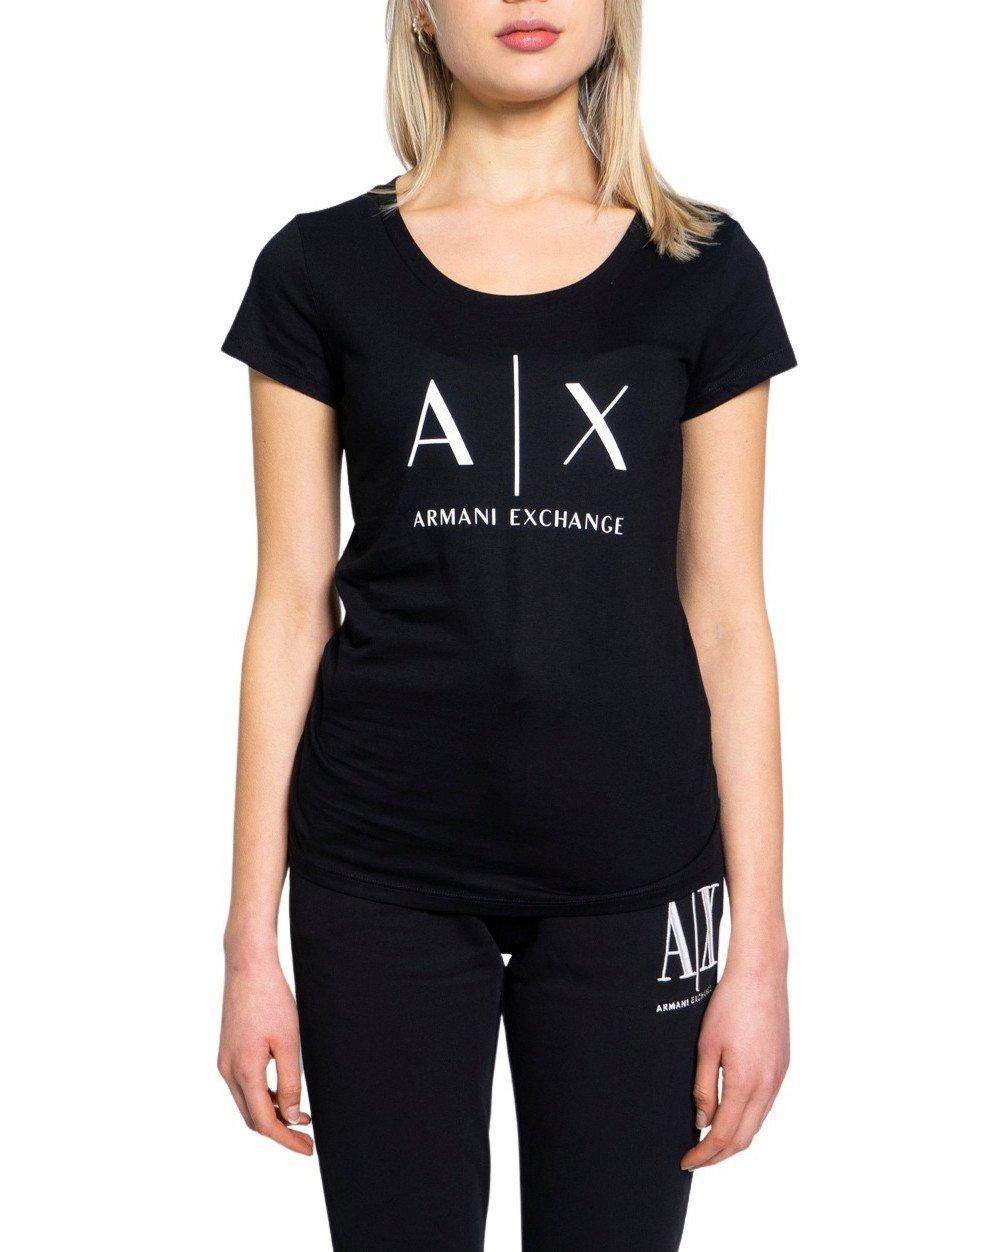 Armani Exchange Women's T-Shirt Various Colours 190515 - black XS